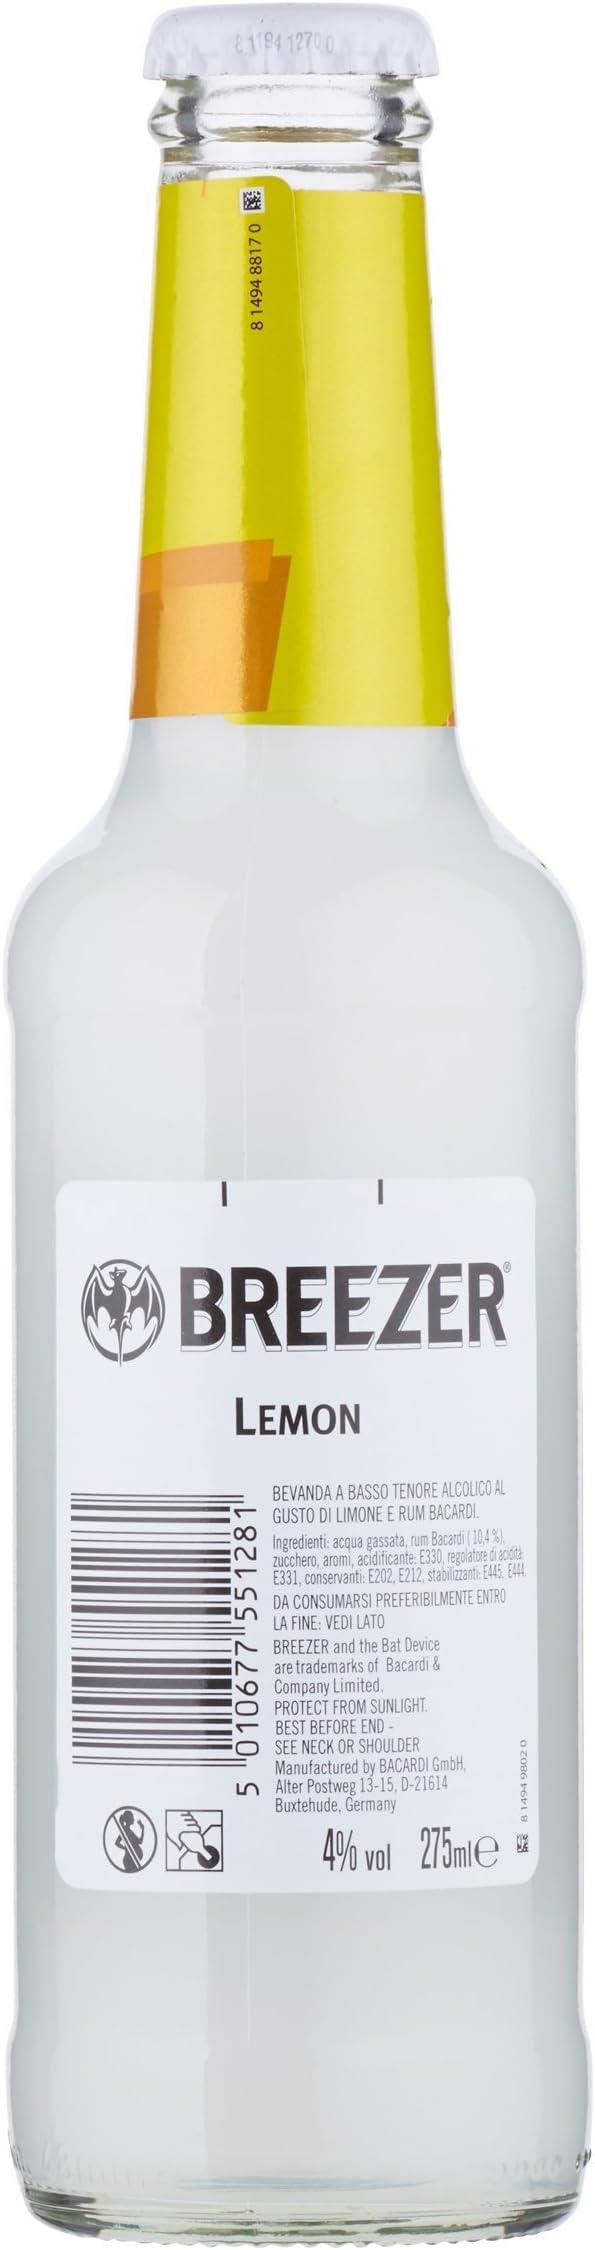 Breezer Combinado Refrescante de Ron con Limón - Paquetes de 24 x 275 ml - Total: 6600 ml